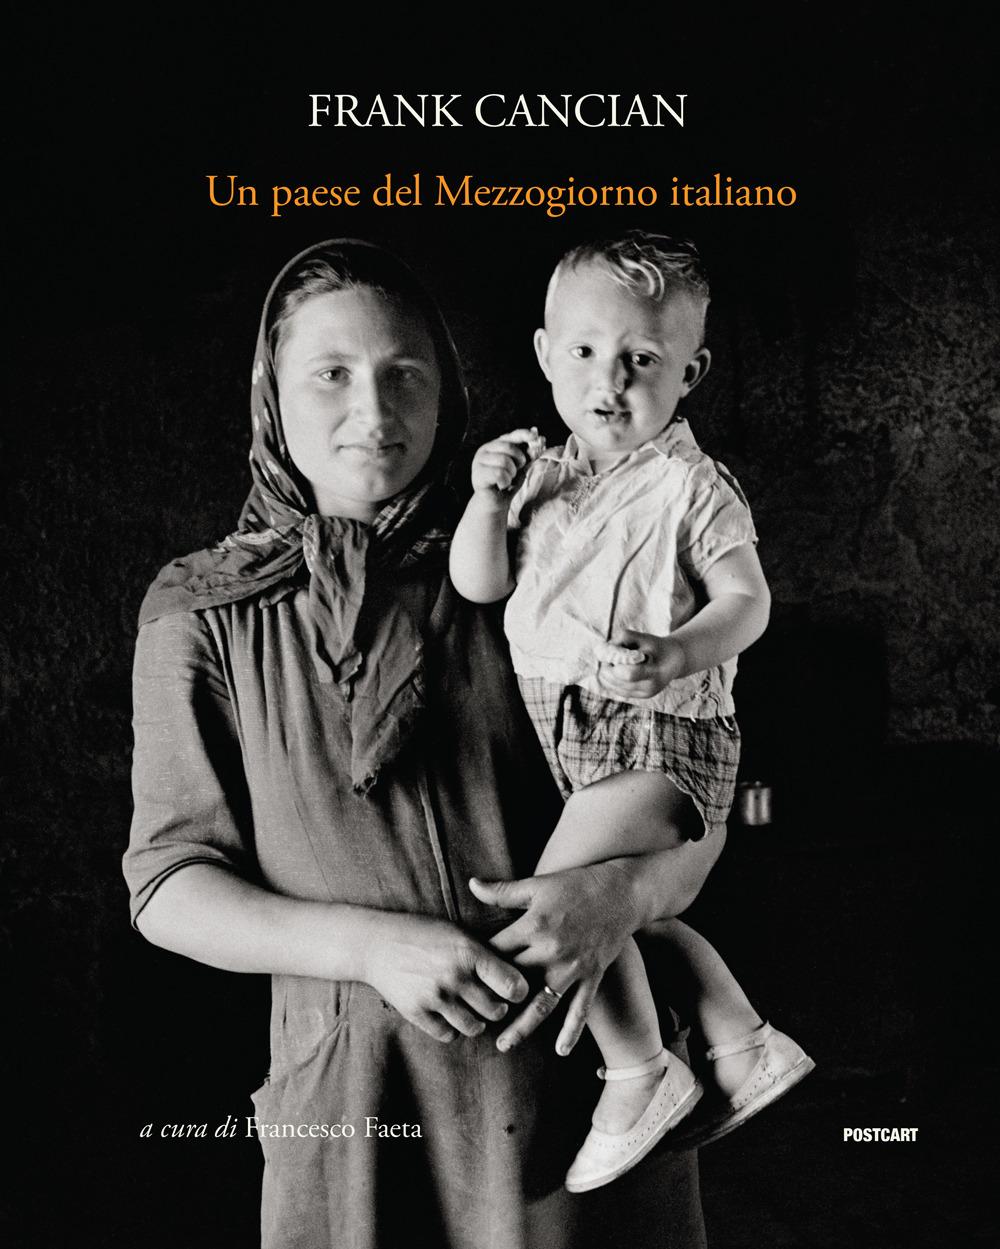 Un paese del Mezzogiorno italiano. Lacedonia (1957) nelle fotografie di Frank Cancian. Ediz. illustrata